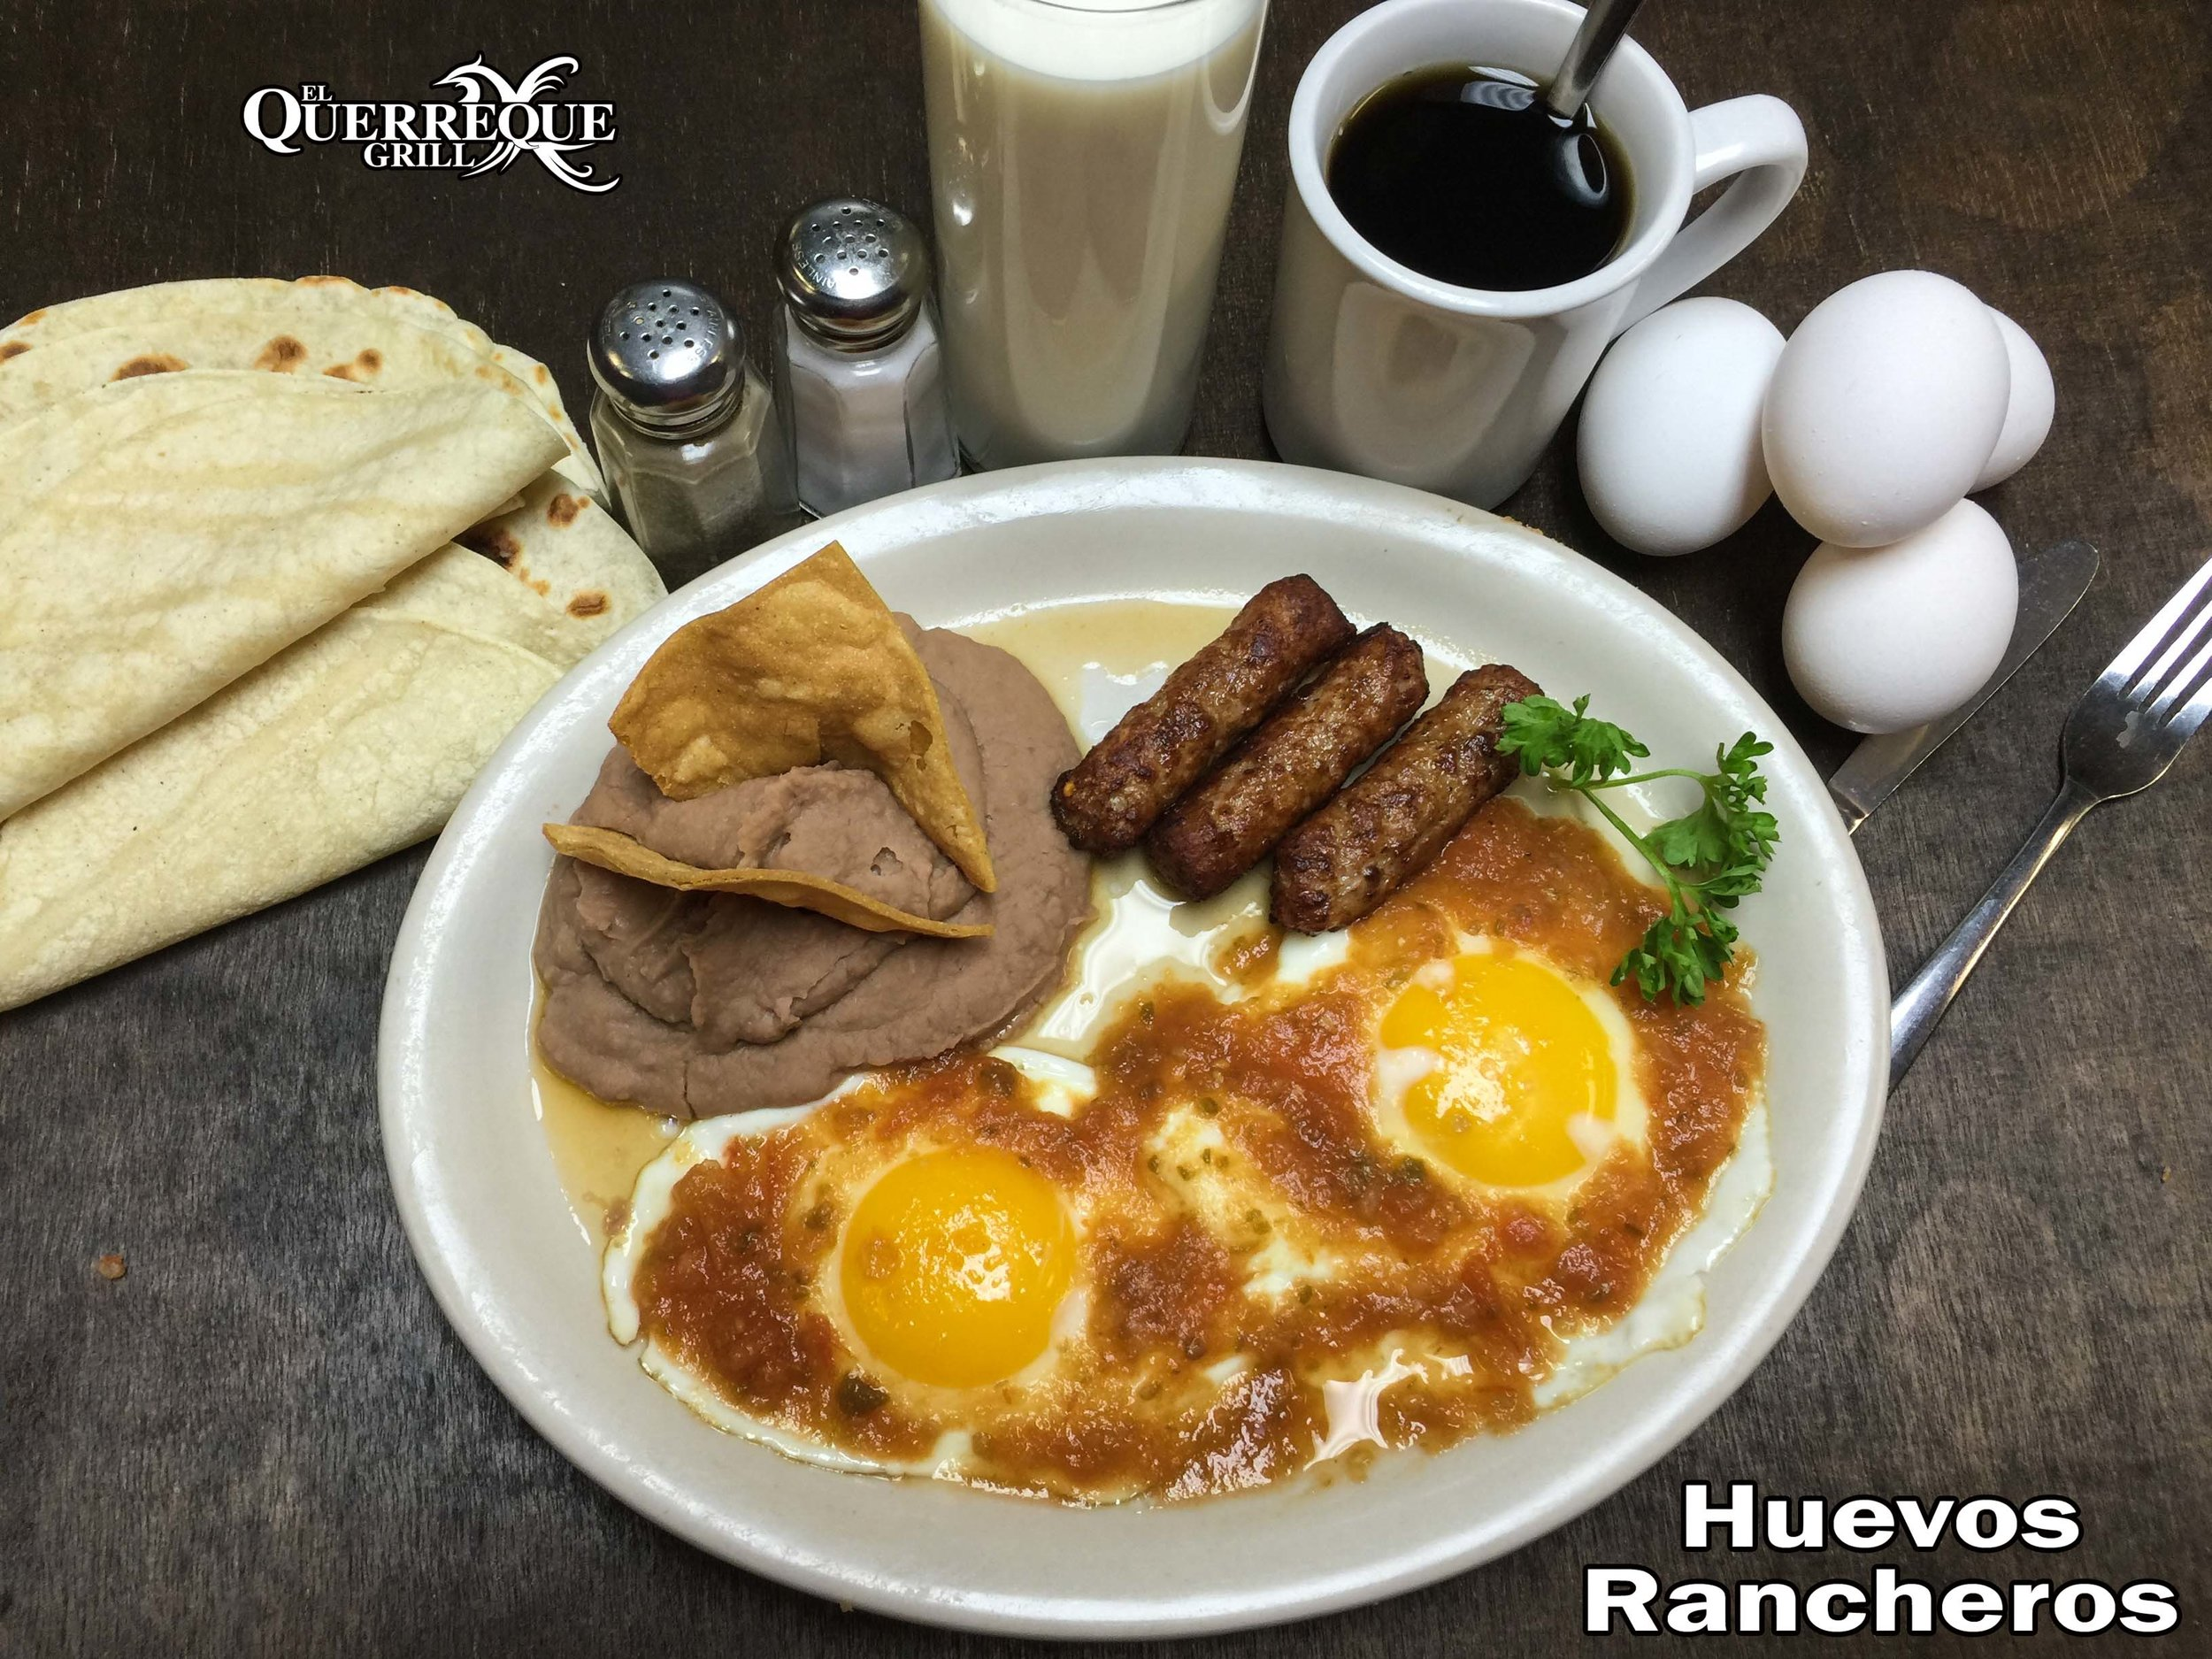 Huevos Rancheros tv.jpg